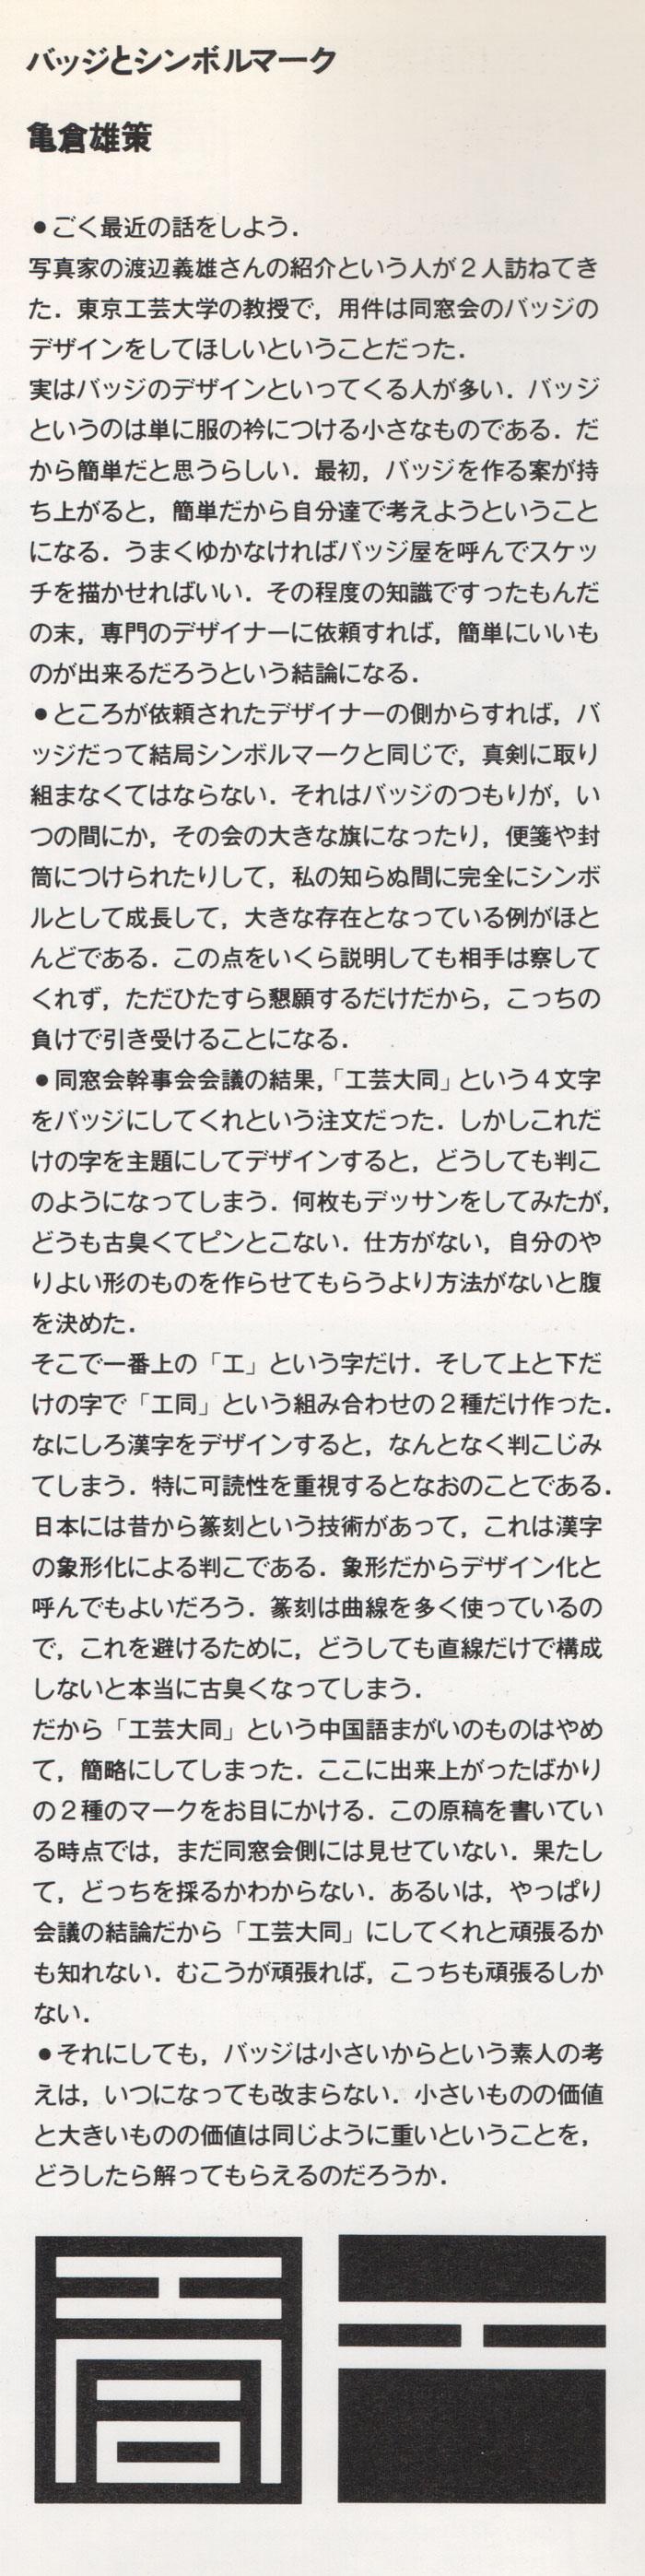 バッジとシンボルマーク 亀倉雄策